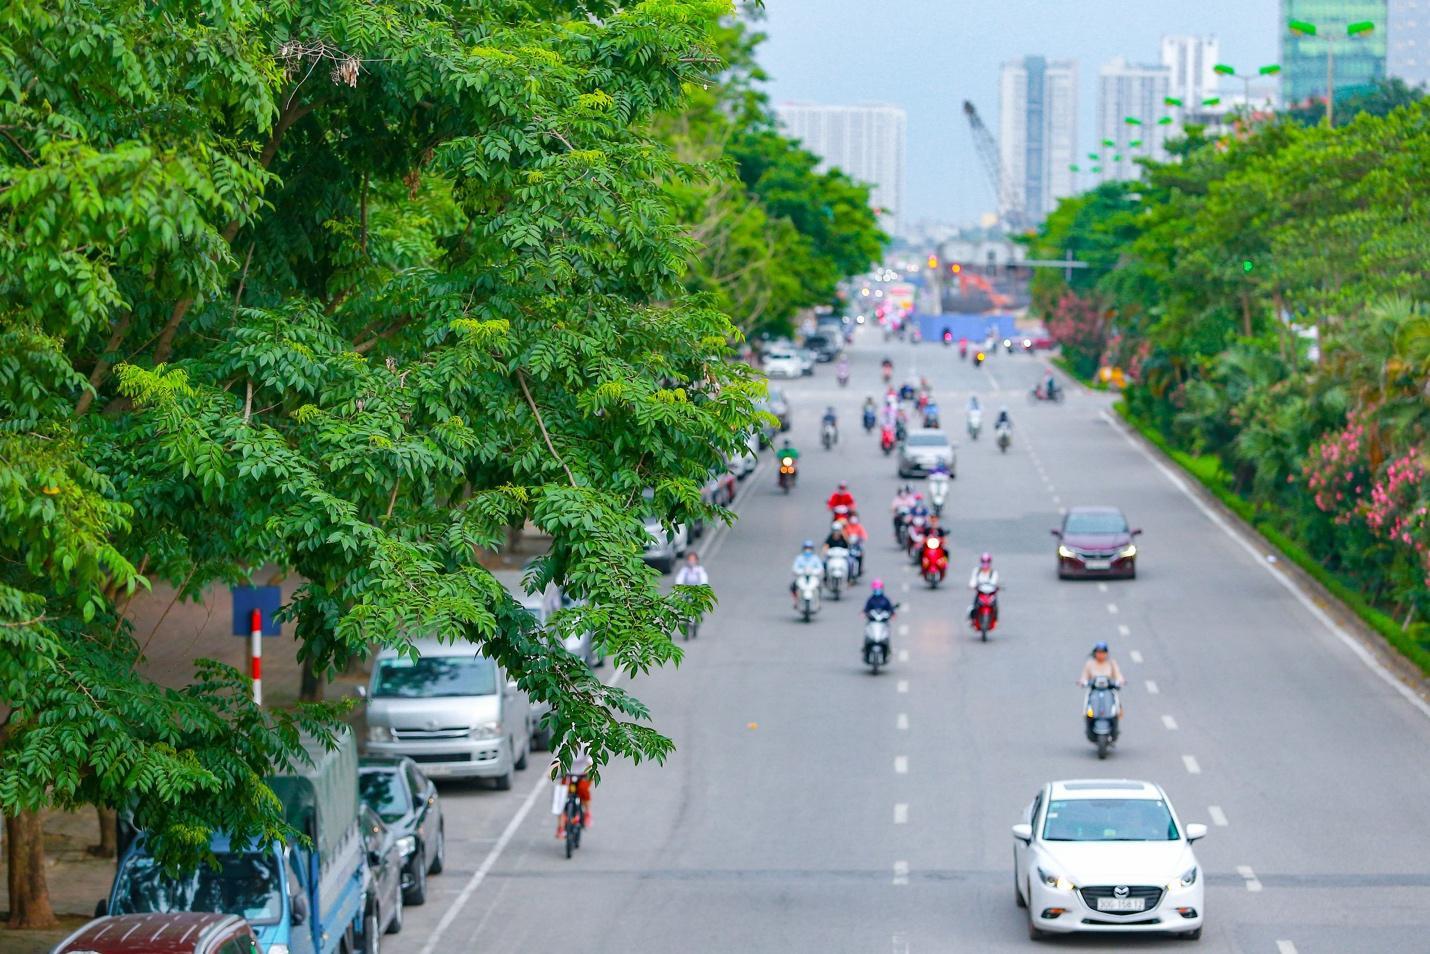 """Cận cảnh 5 tuyến đường được mệnh danh """"đắt nhất hành tinh"""" ở Hà Nội - 6"""